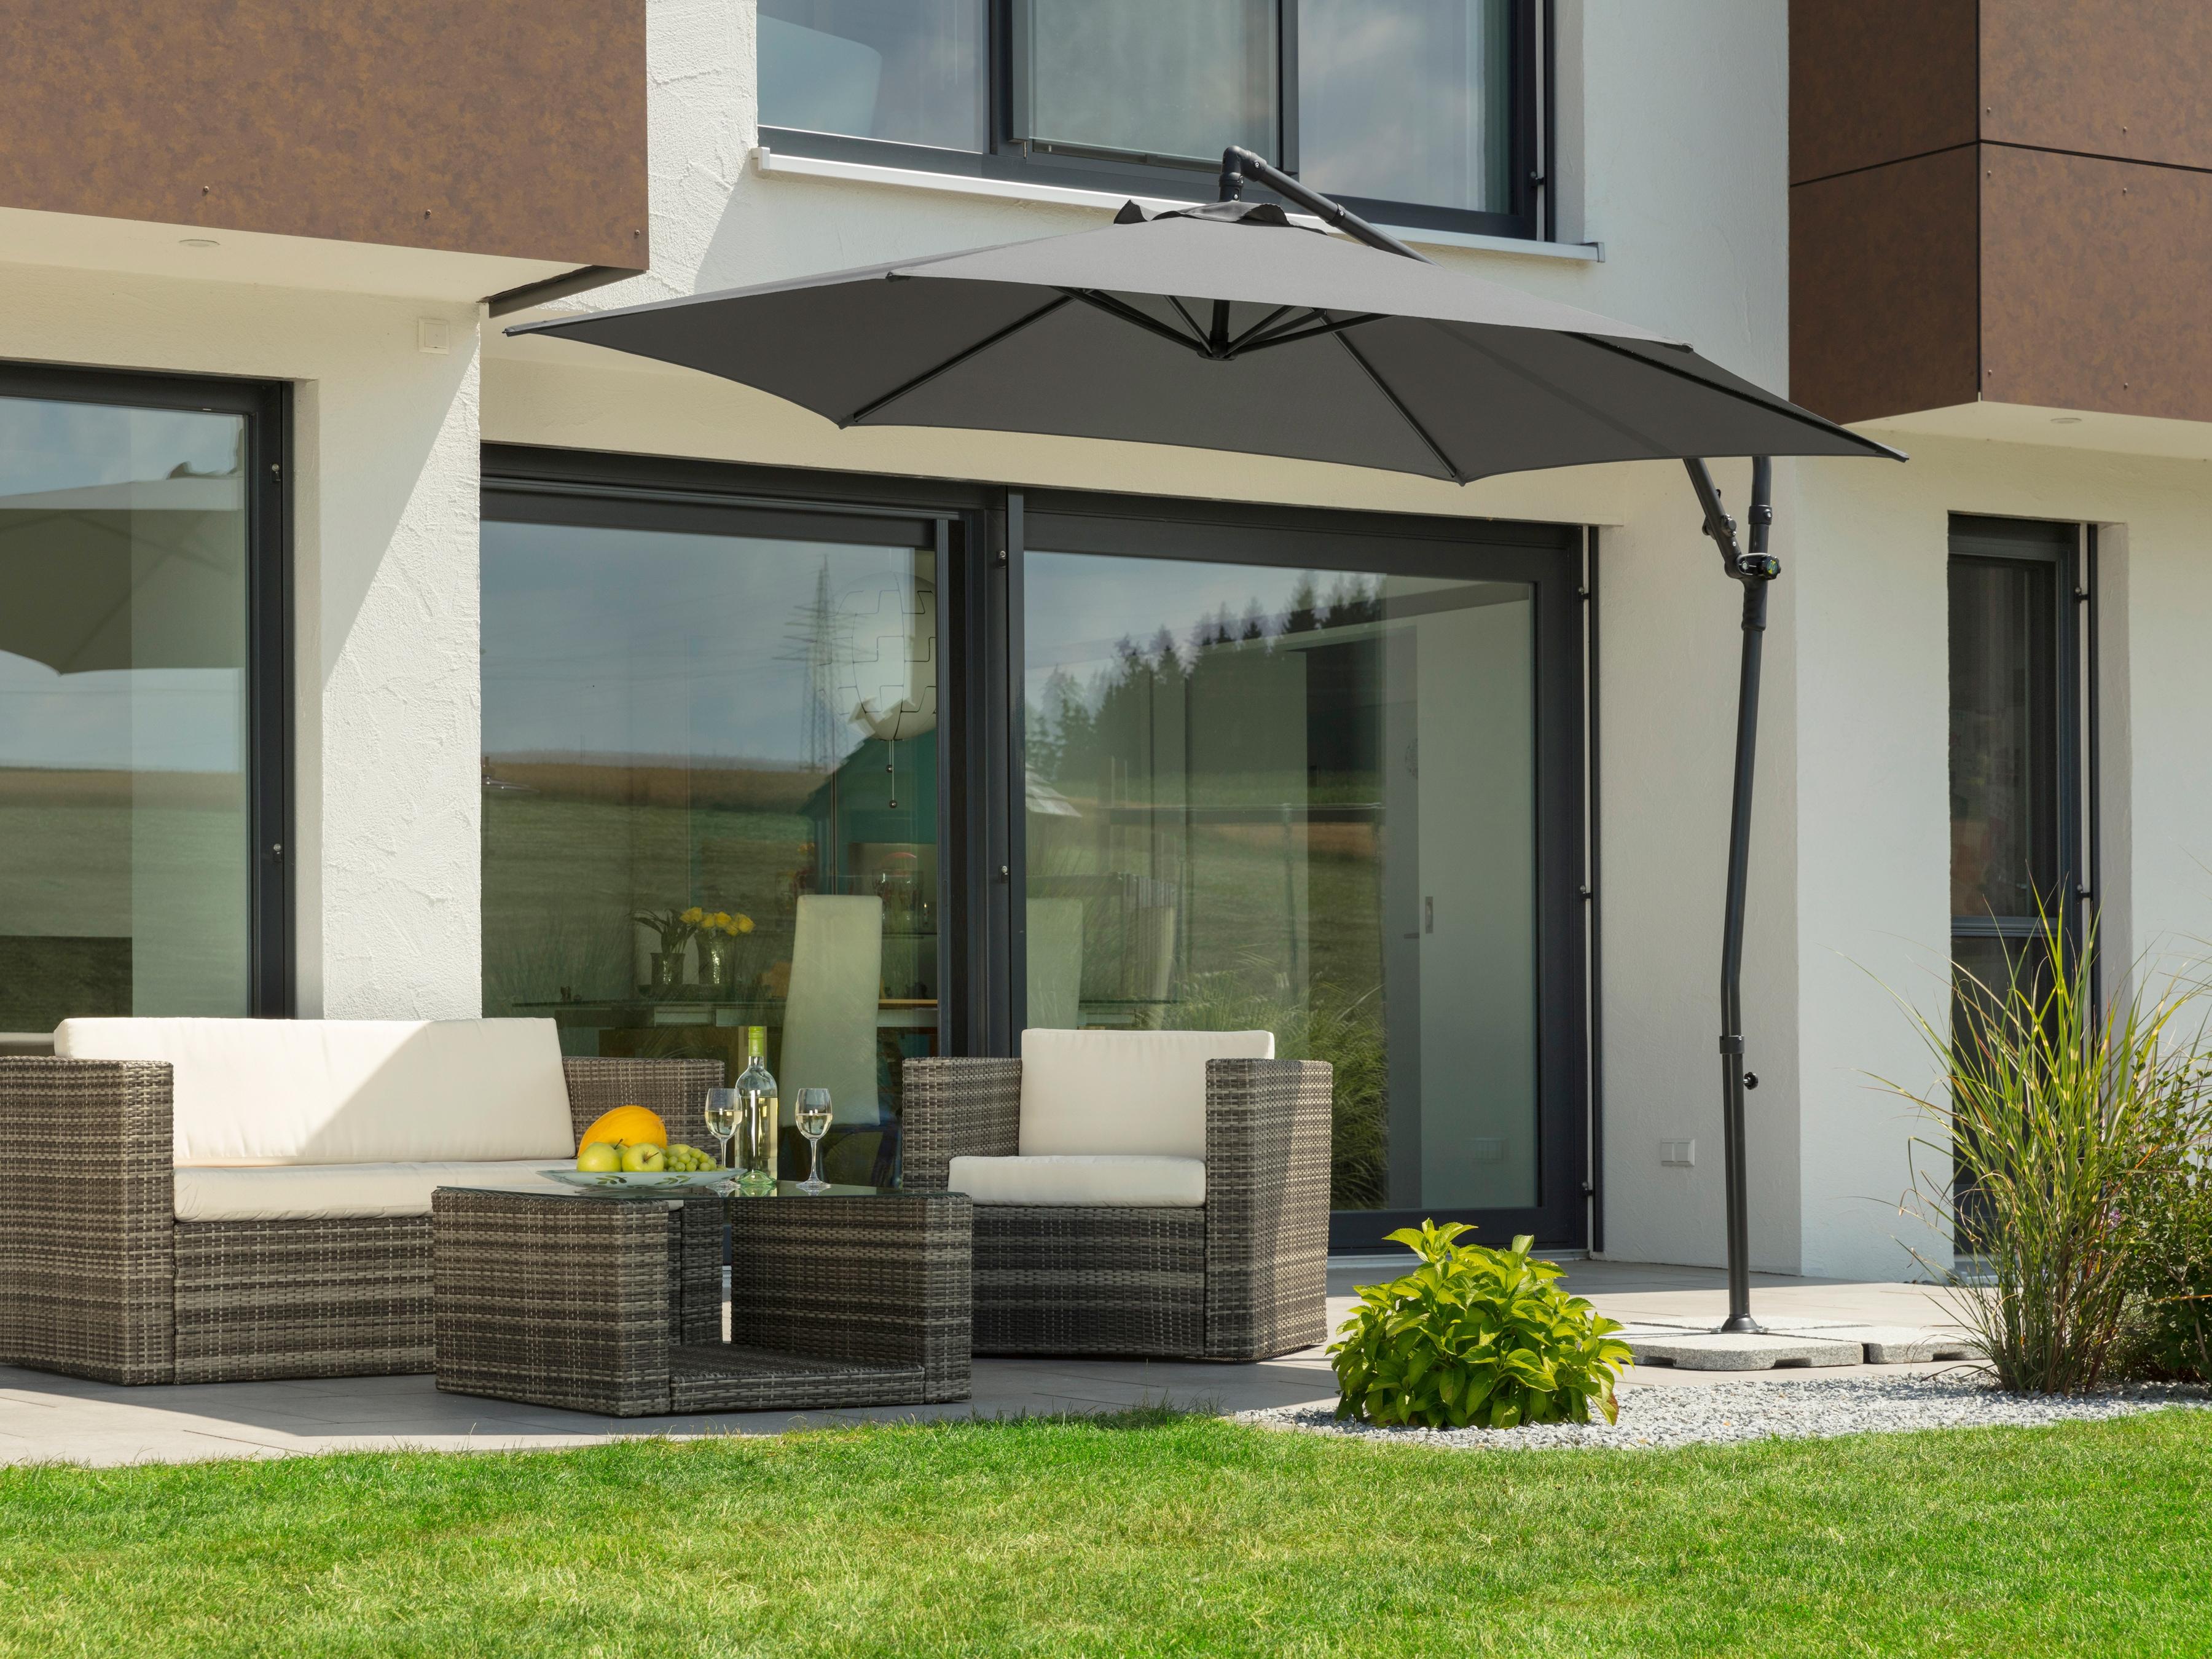 Schneider Schirme Ampelschirm Genua, mit Schirmständer, ohne Wegeplatten grau Sonnenschirme -segel Gartenmöbel Gartendeko